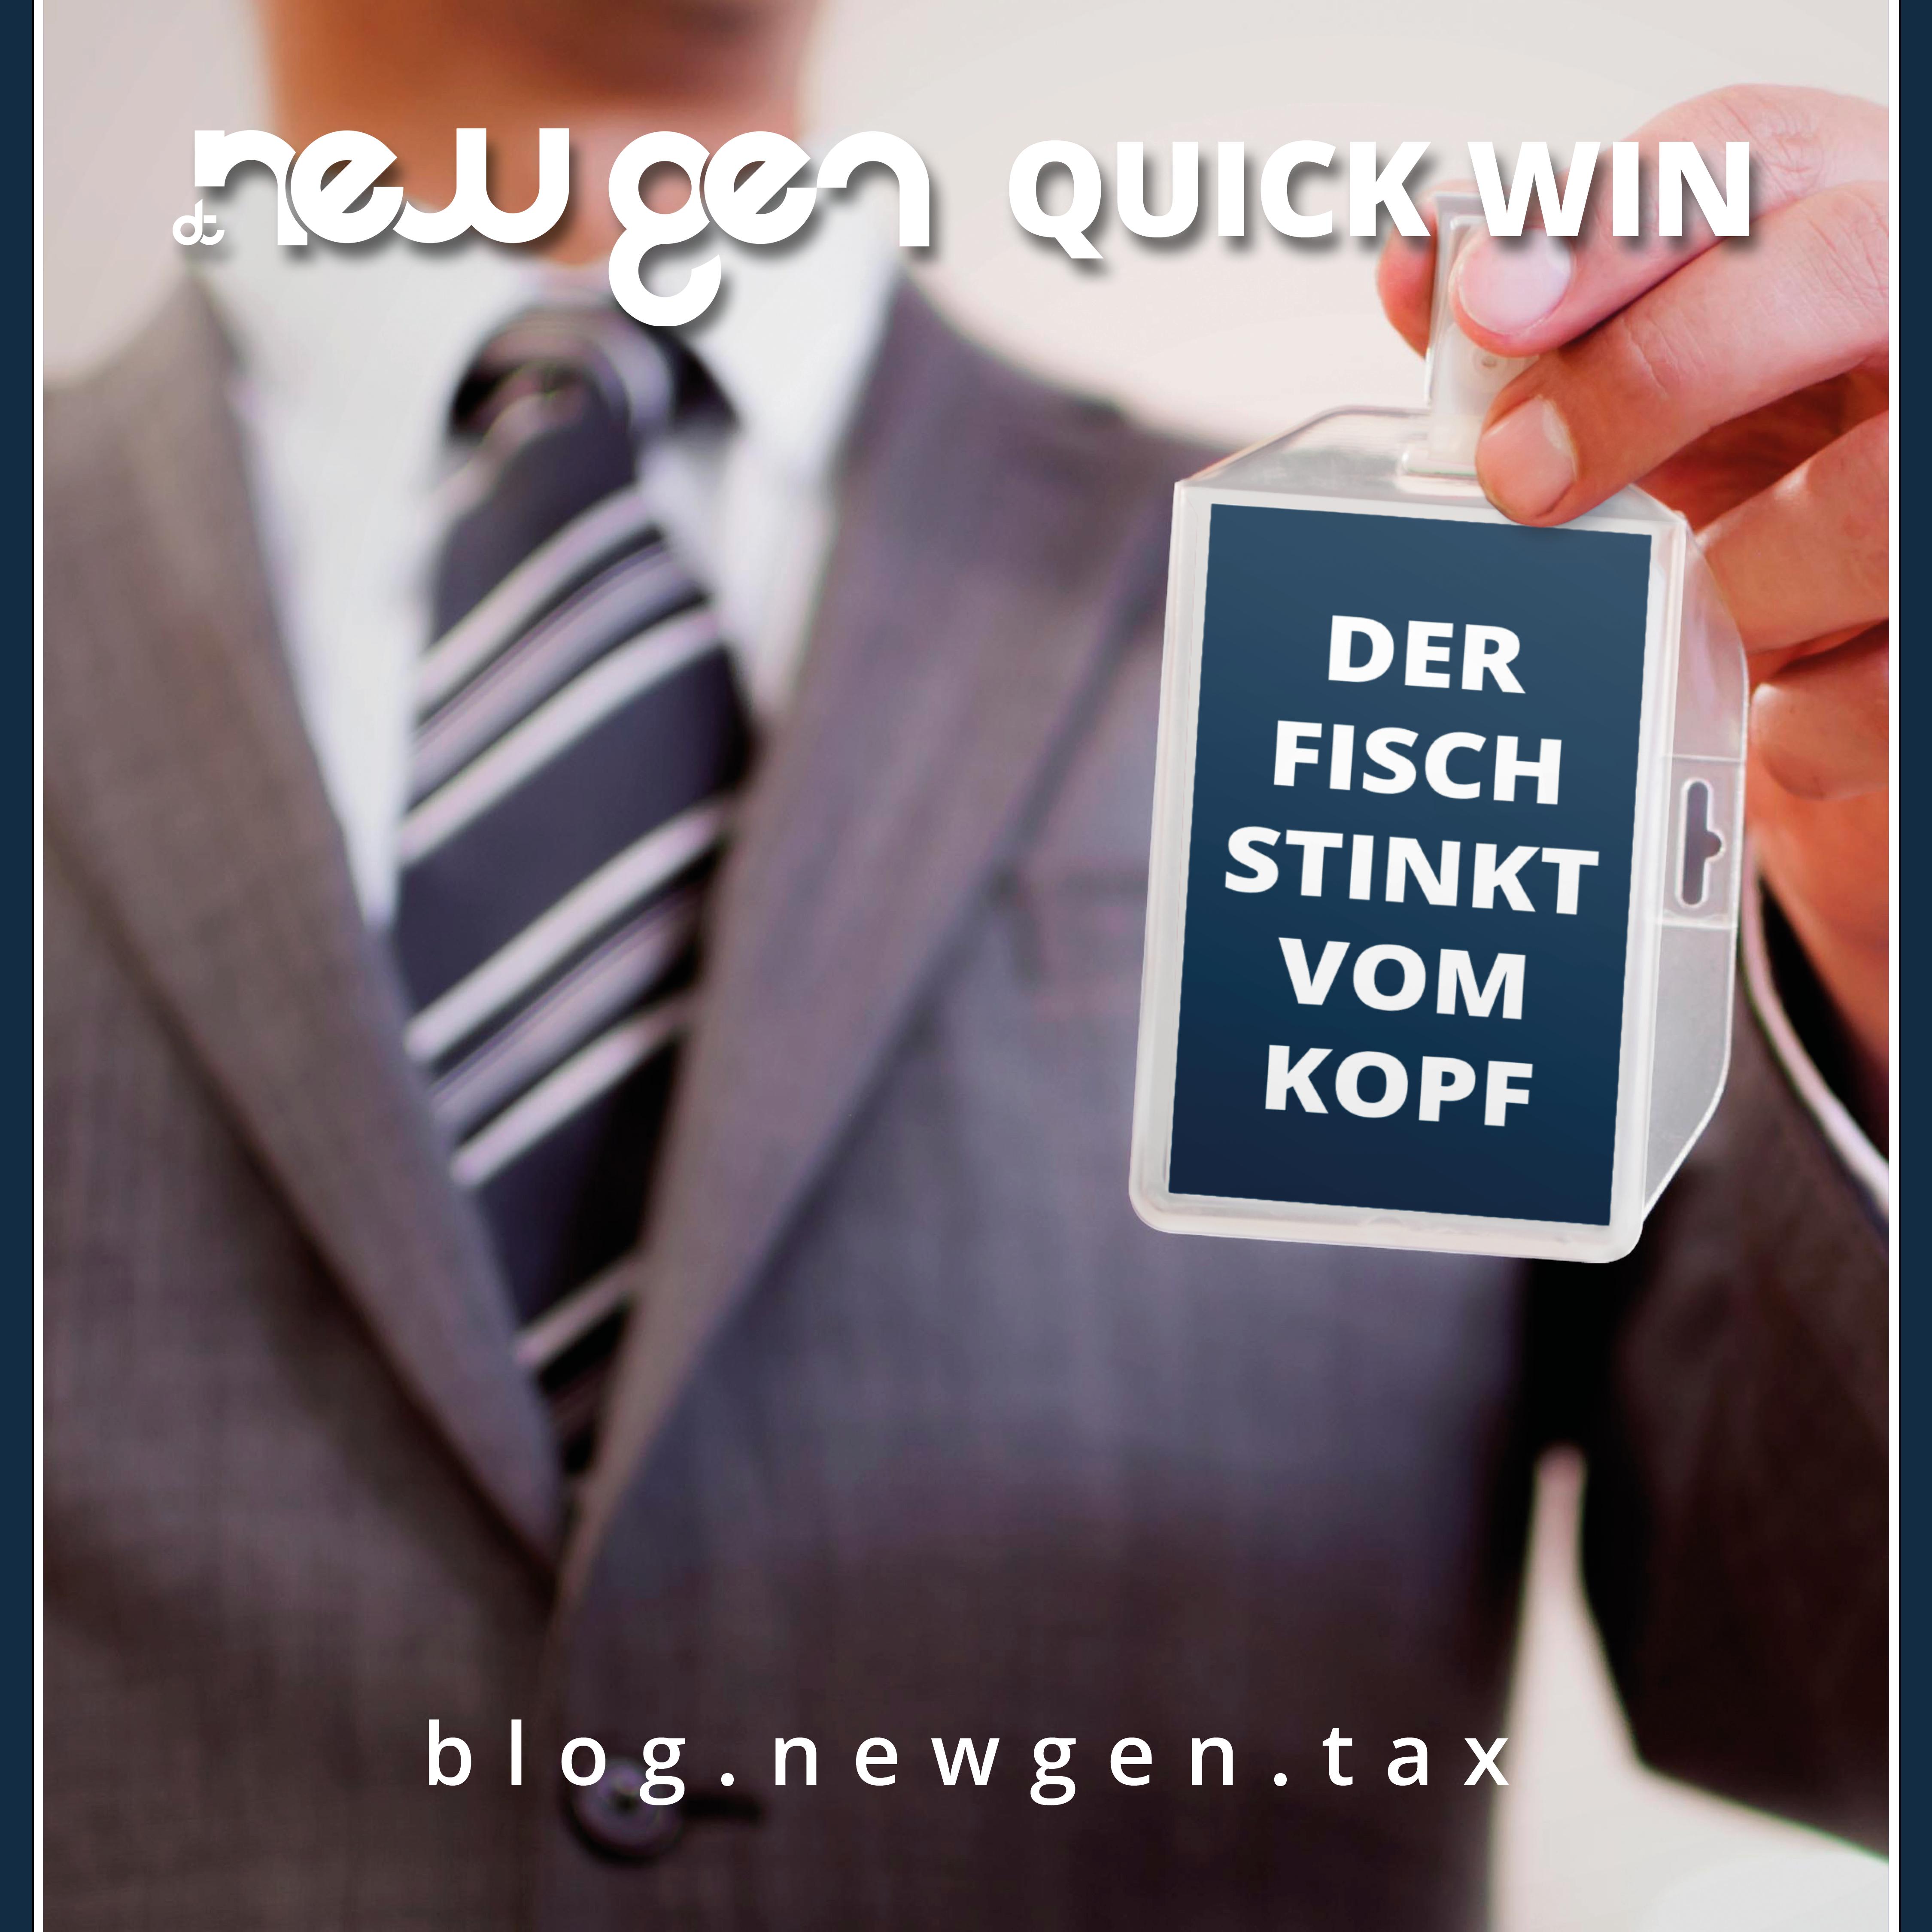 new gen Quick Win - Der Fisch stinkt vom Kopf